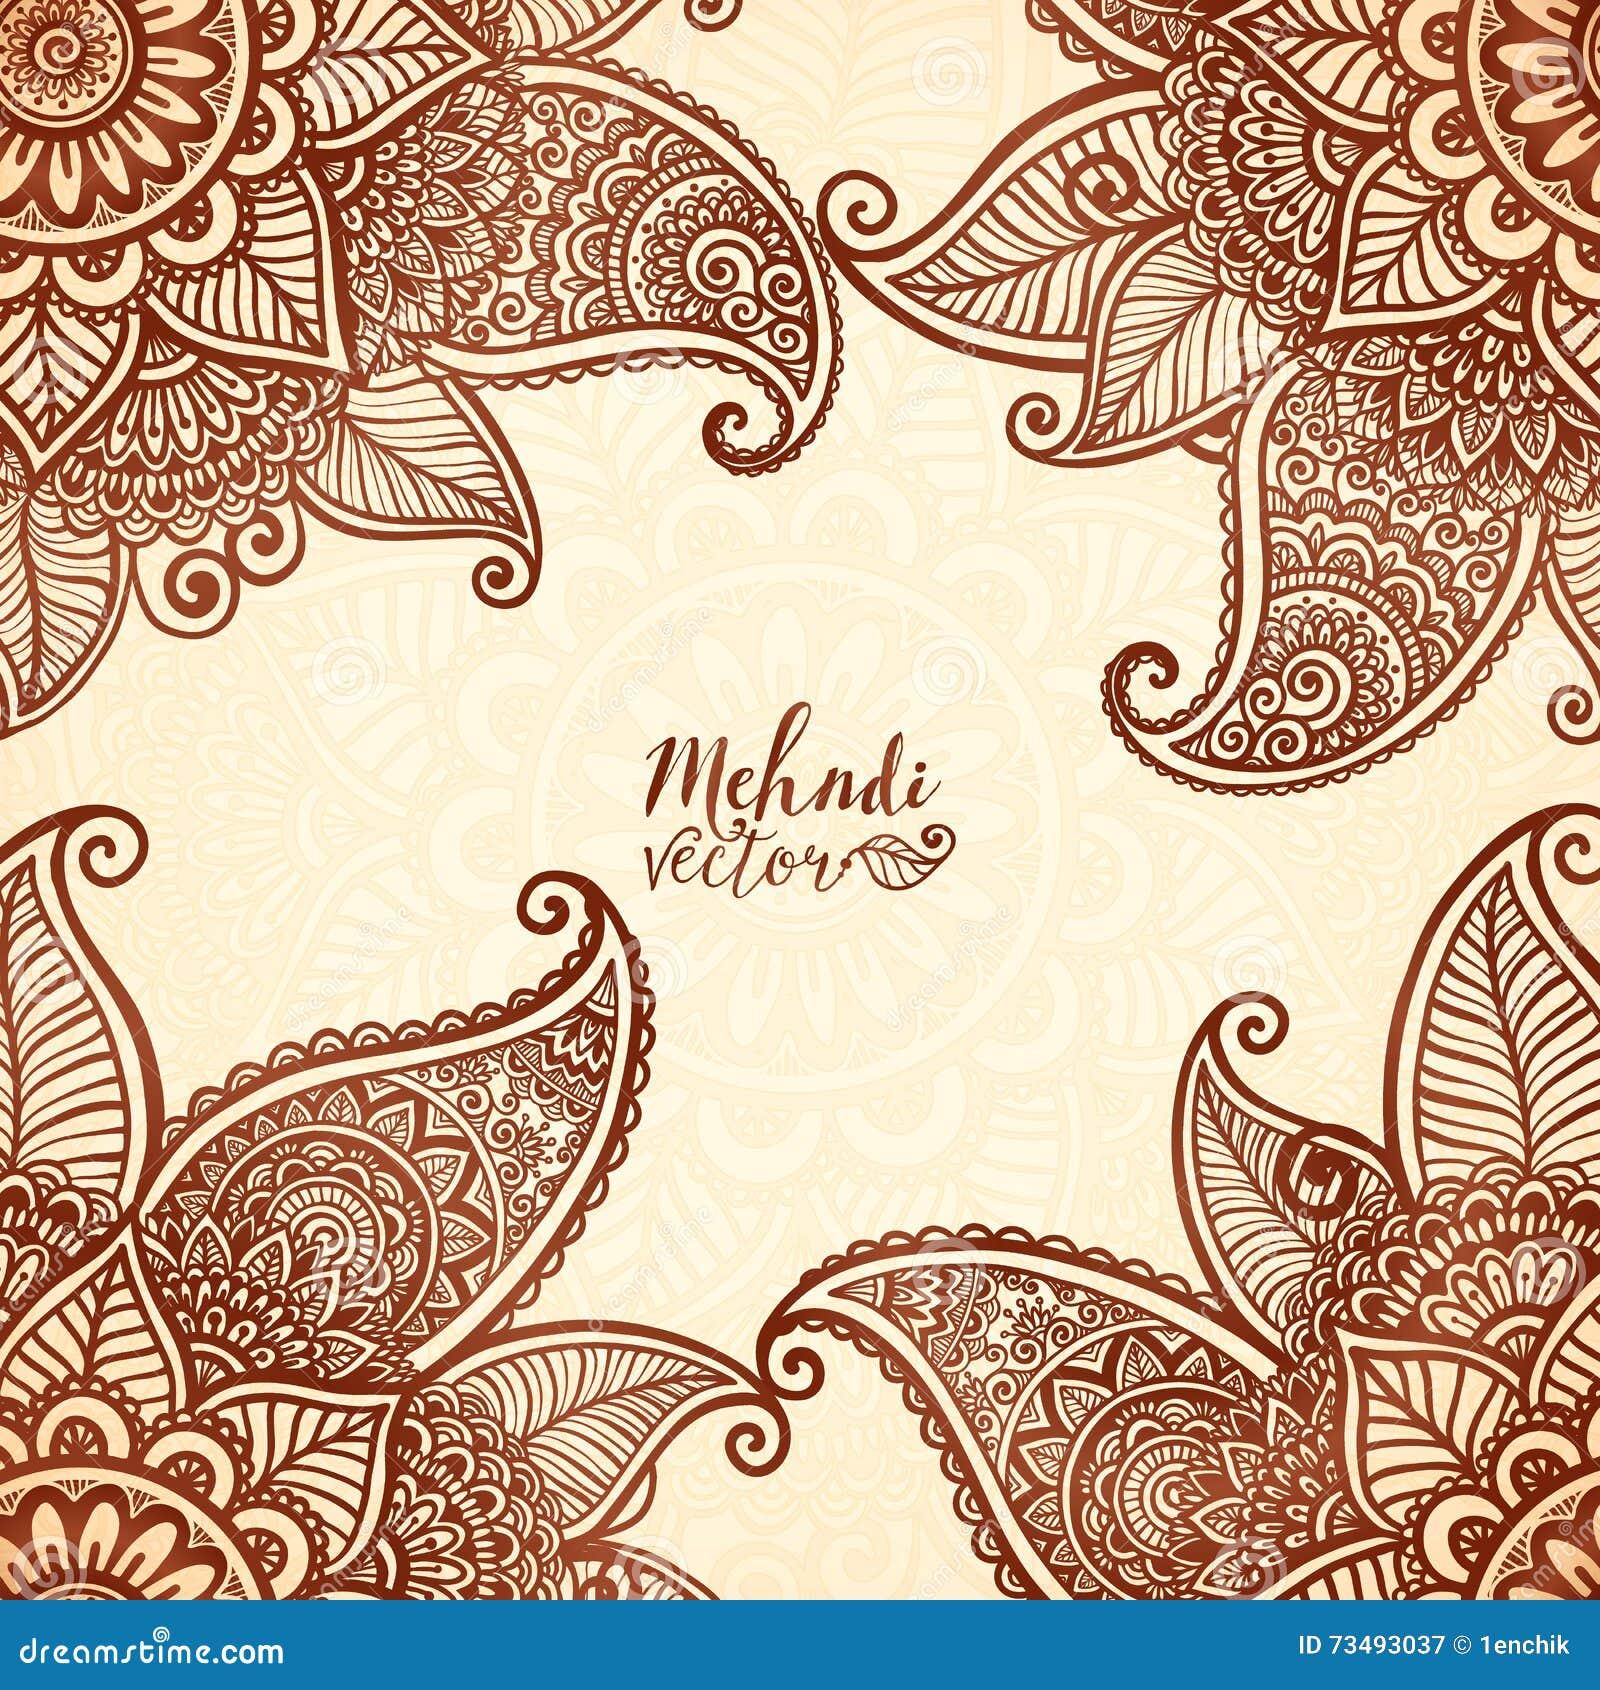 Henna Mehndi Vector Free : Indian mehndi henna tattoo style vector card stock